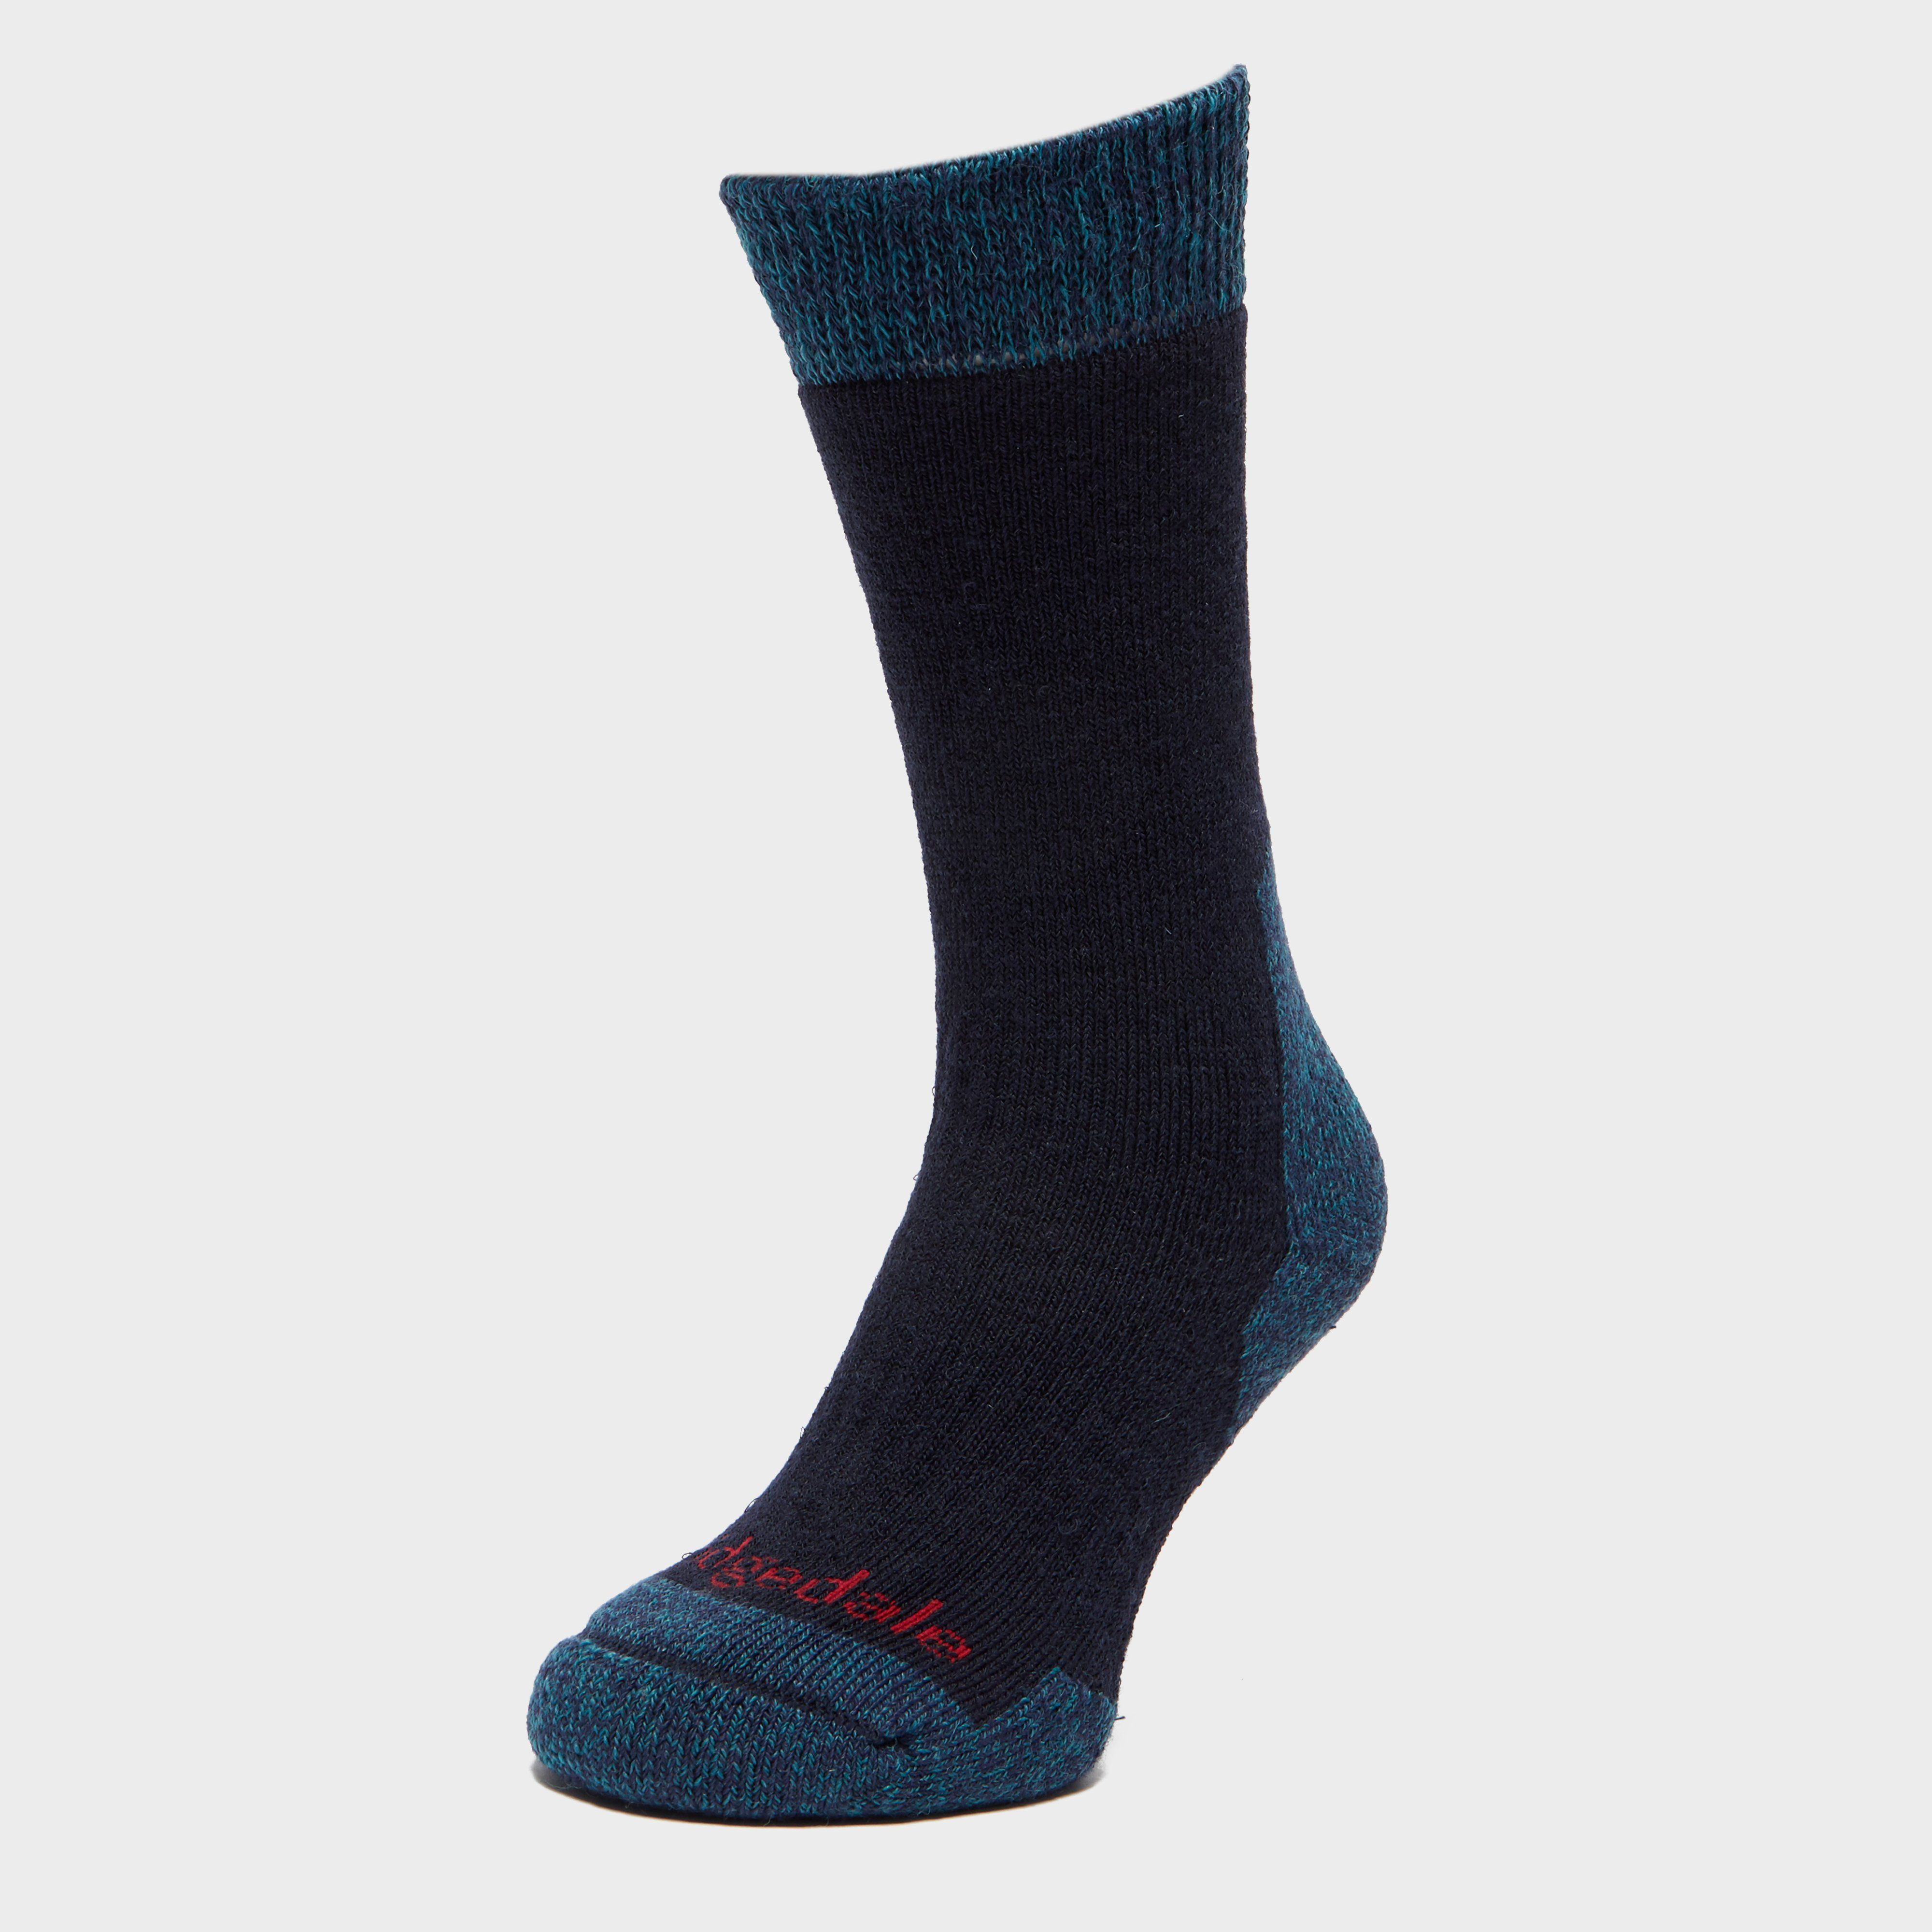 BRIDGEDALE Comfort Summit Socks